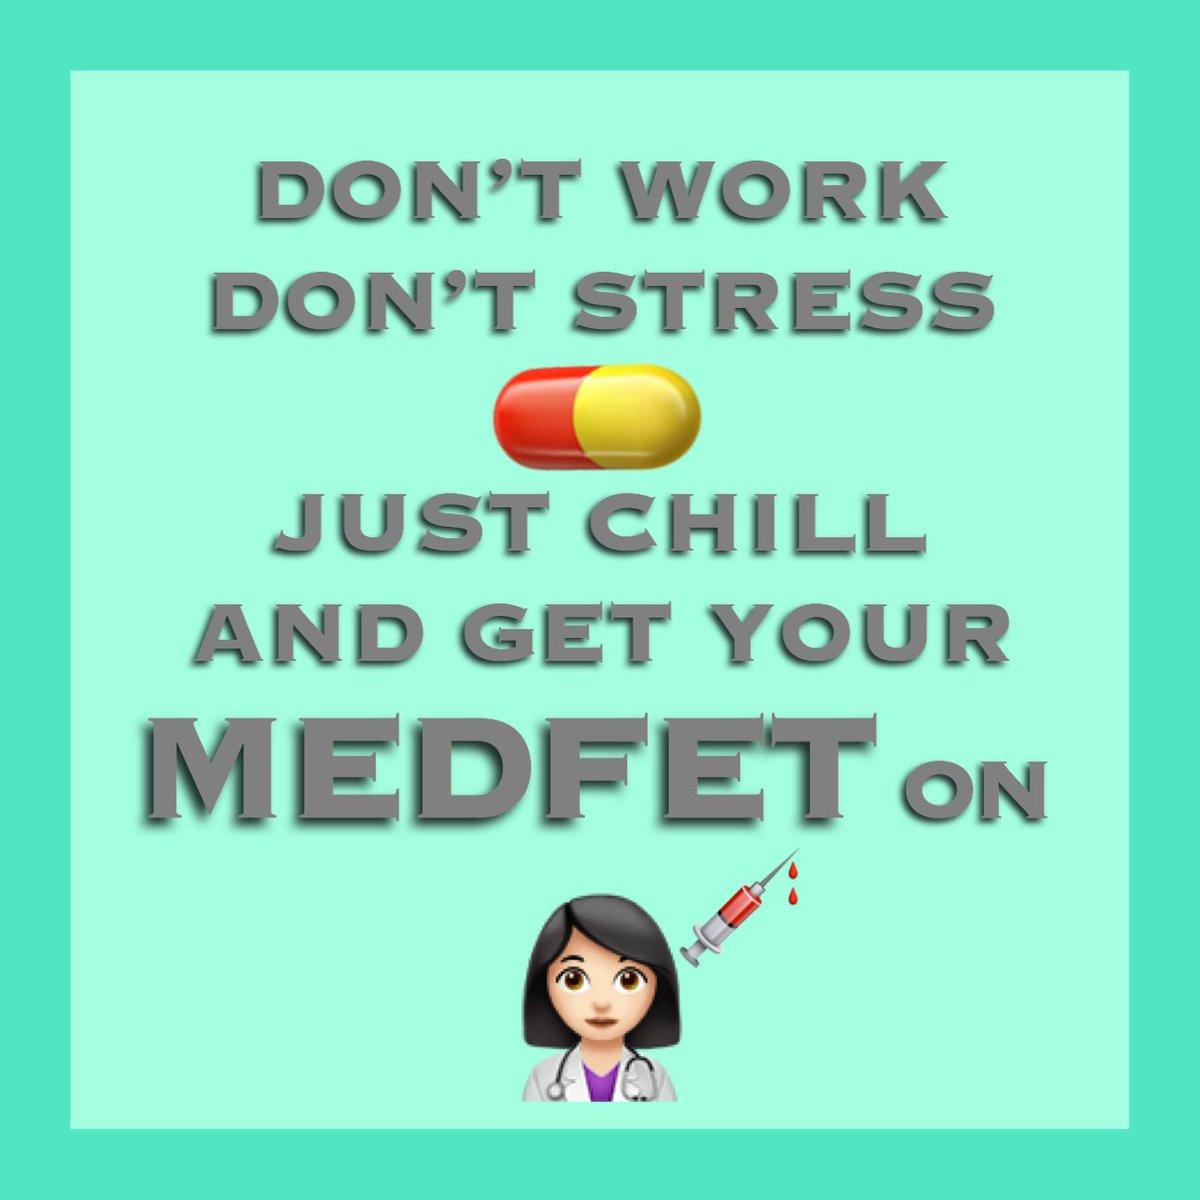 Medfet medical fetish